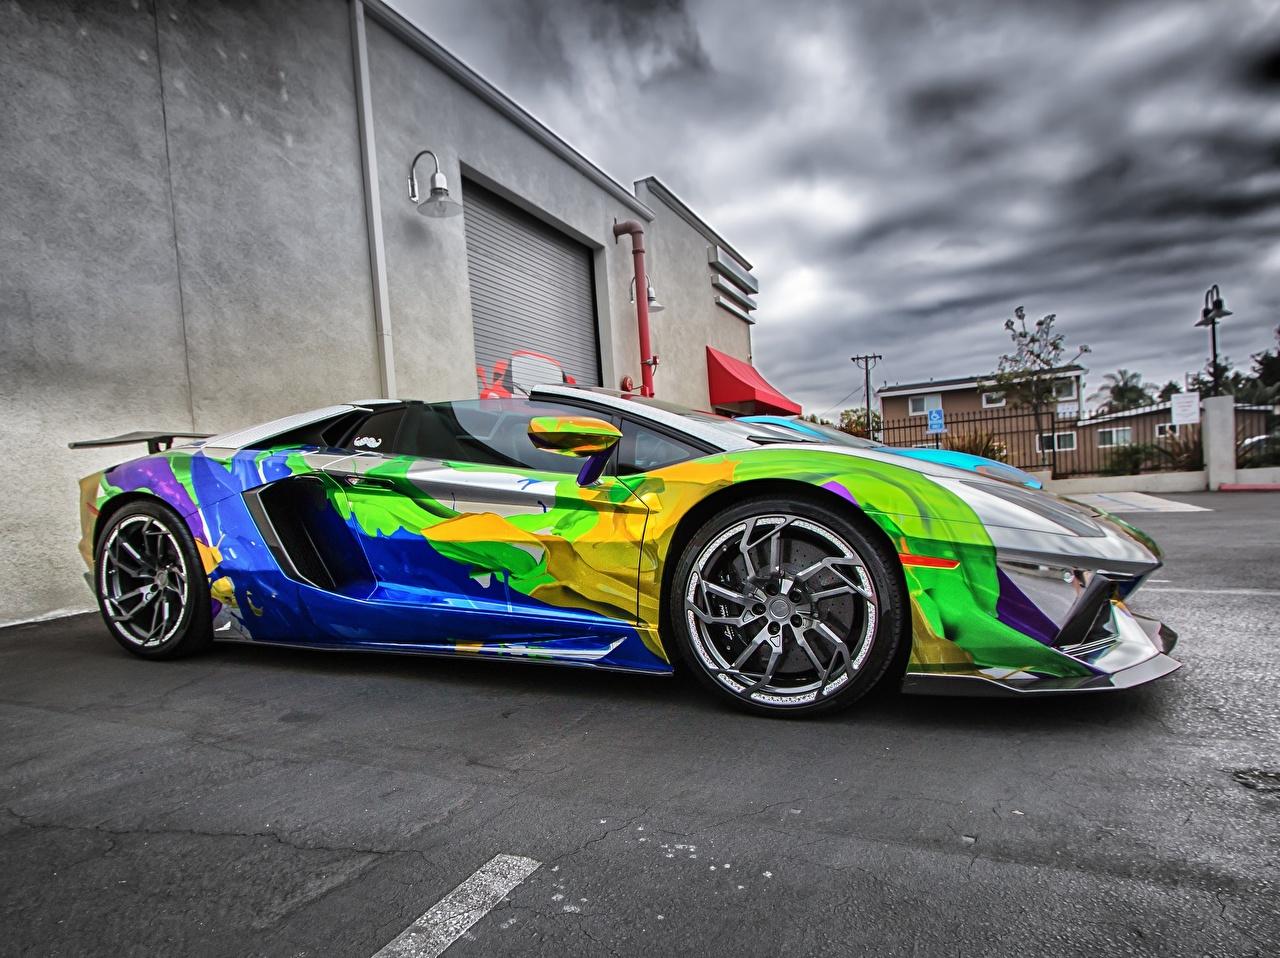 Фото Ламборгини Aventador LP 700-4 Roadster Родстер люксовые HDR Сбоку машины асфальта Lamborghini дорогие дорогая дорогой Роскошные роскошный роскошная HDRI авто машина Асфальт Автомобили автомобиль